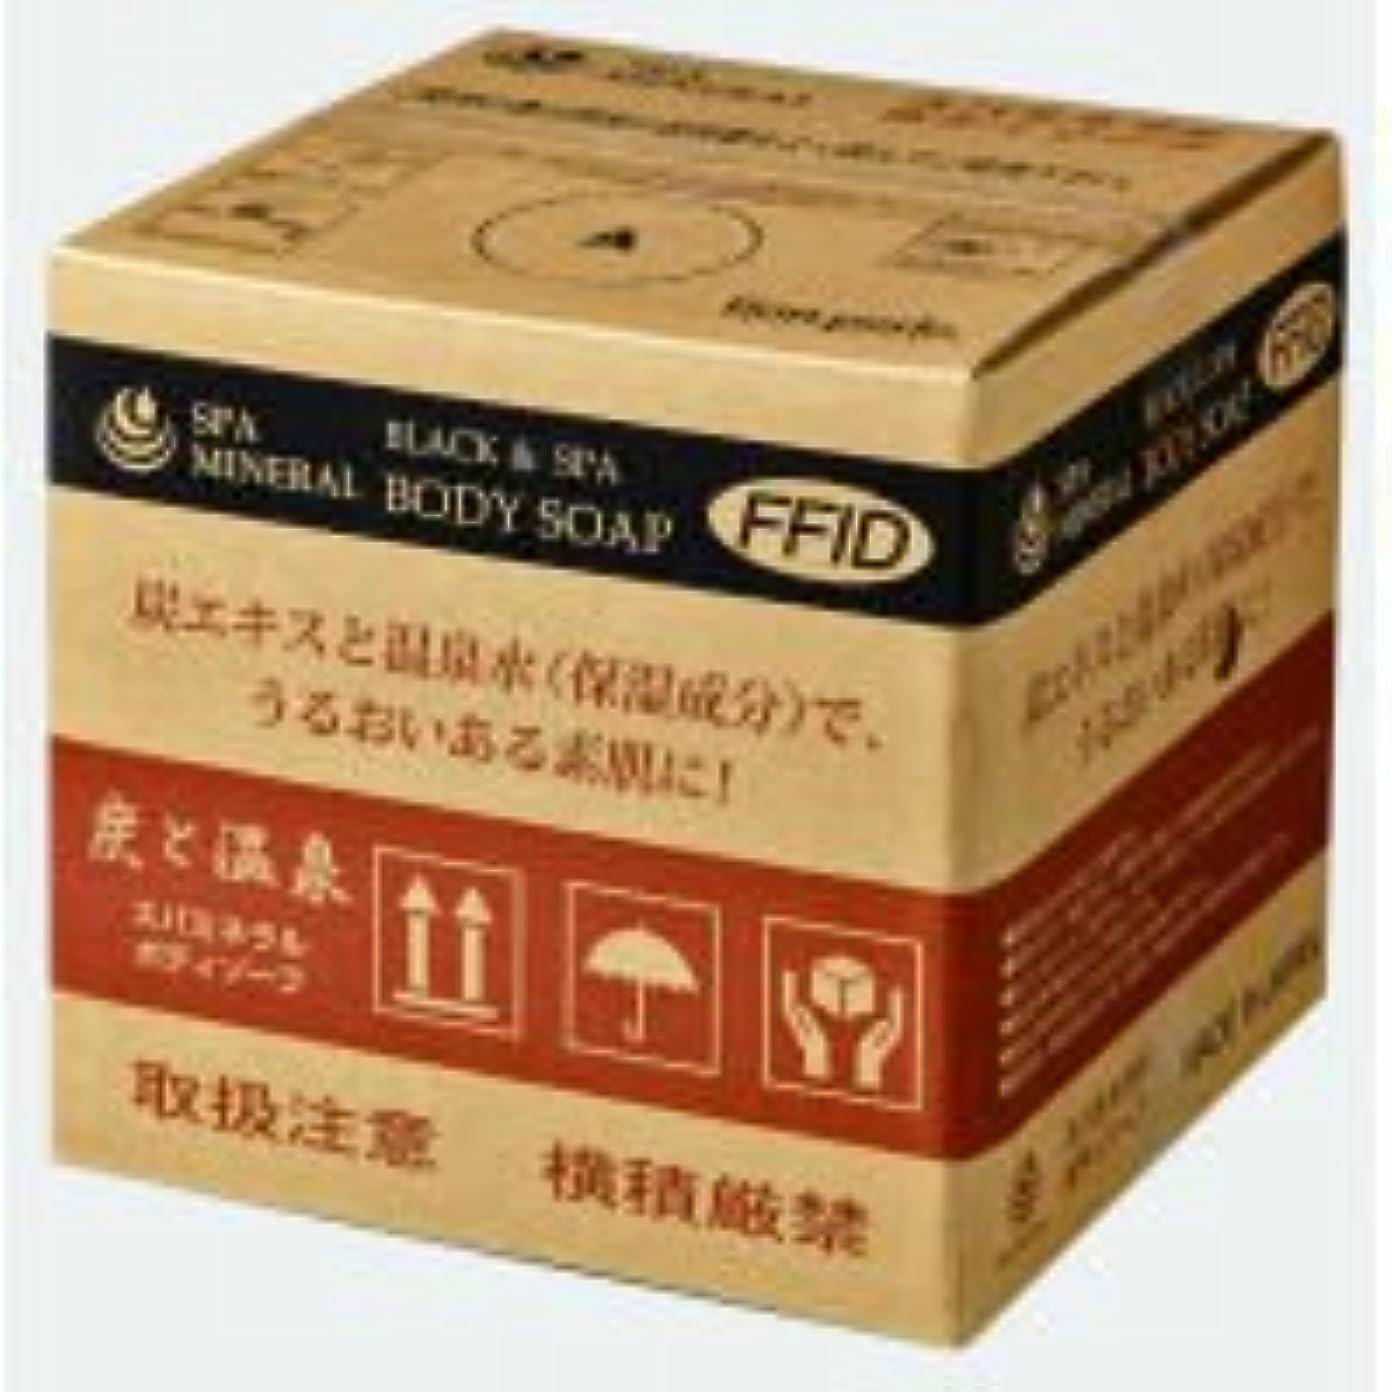 オーバーヘッドプレミアム音節スパミネラル 炭ボディソープ 20kg 詰替用